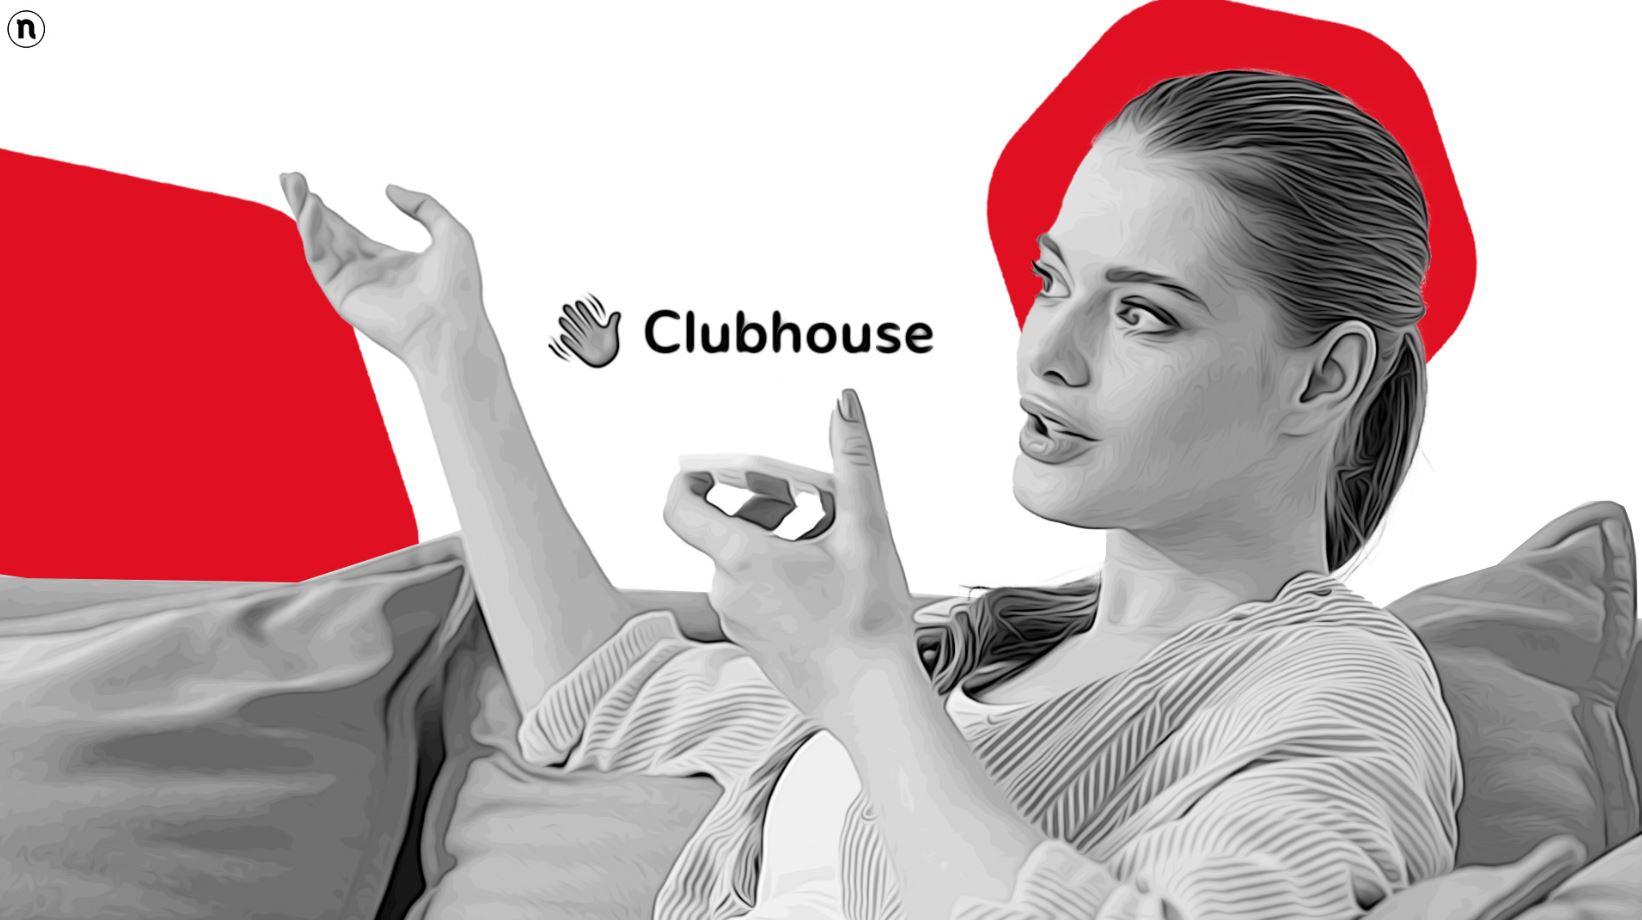 Viaggio nei social media: perché l'arrivo di Clubhouse è stato inevitabile